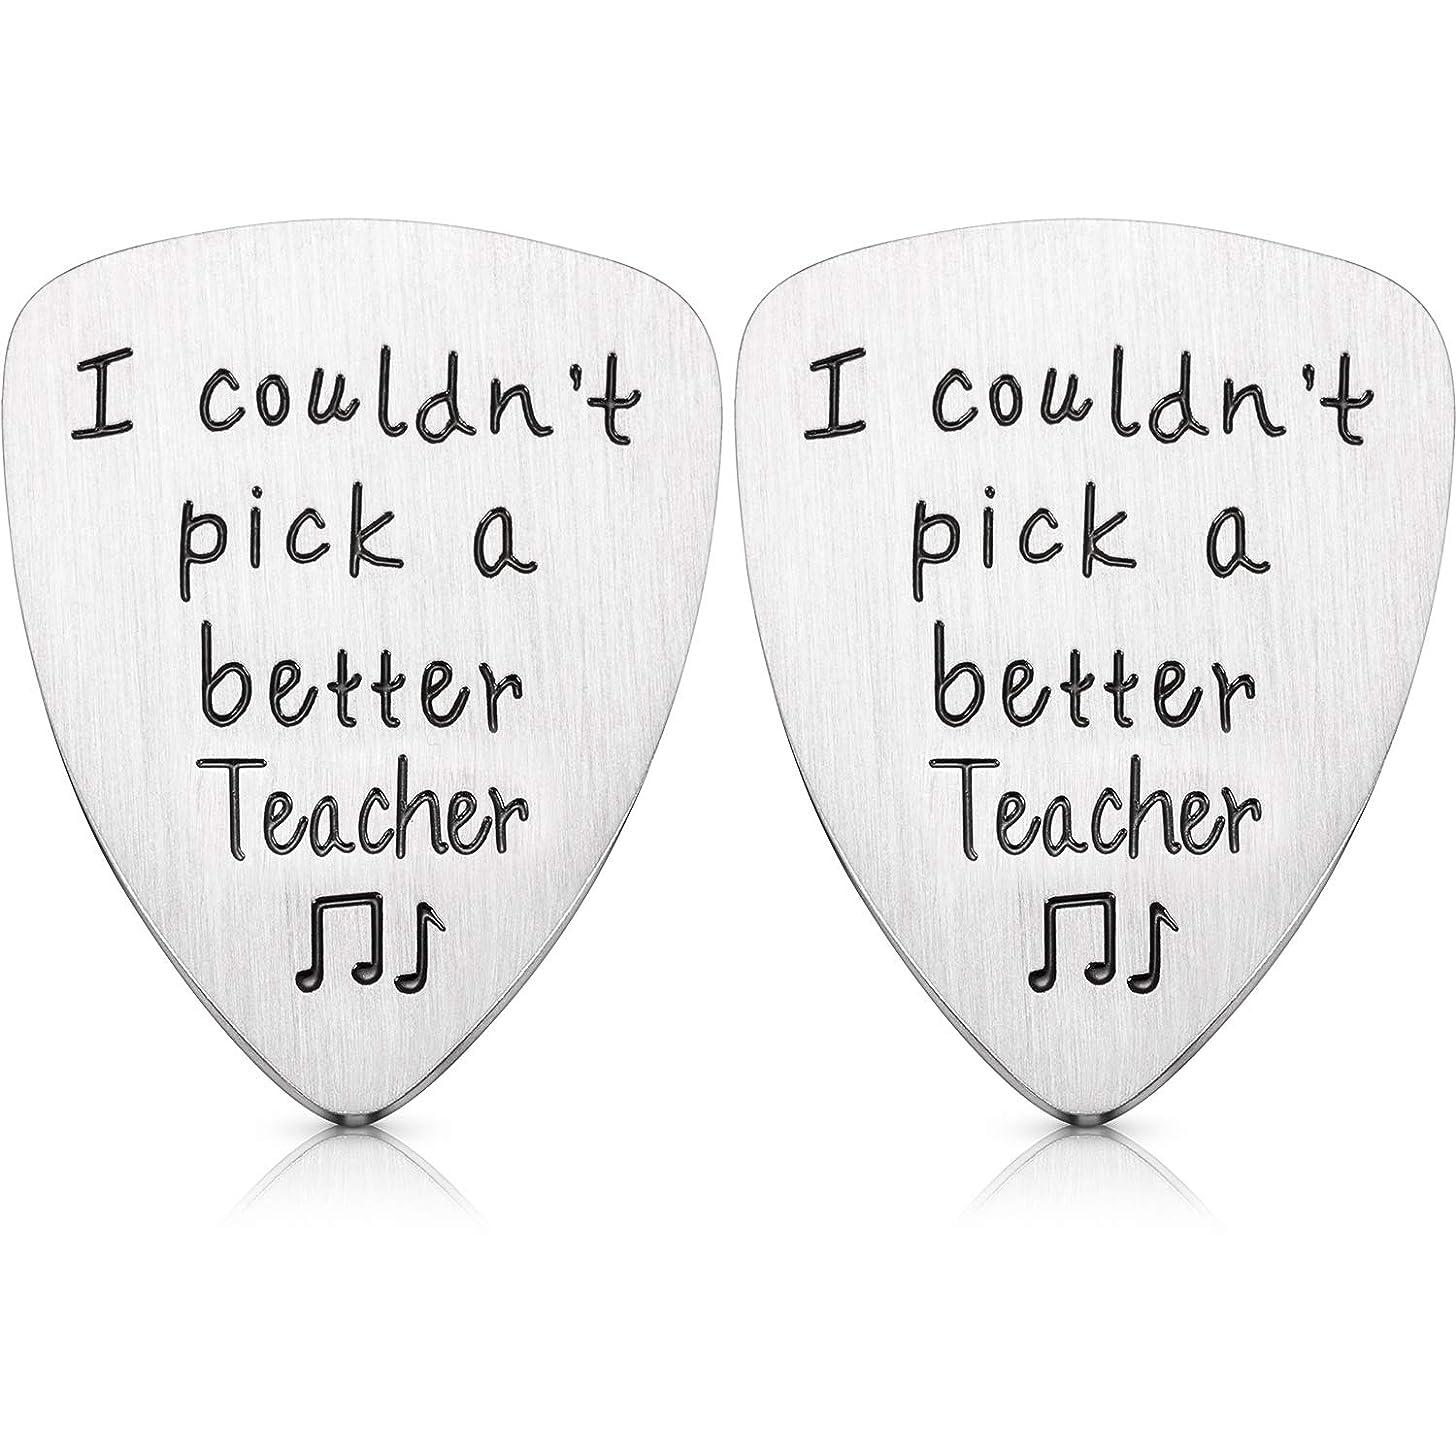 Yaomiao 2 Packs Teacher Appreciation Gift Guitar Pick, I Couldn't Pick A Better Teacher Steel Guitar Pick Gift for Teacher, Thank You Gifts for Musicians Men Women